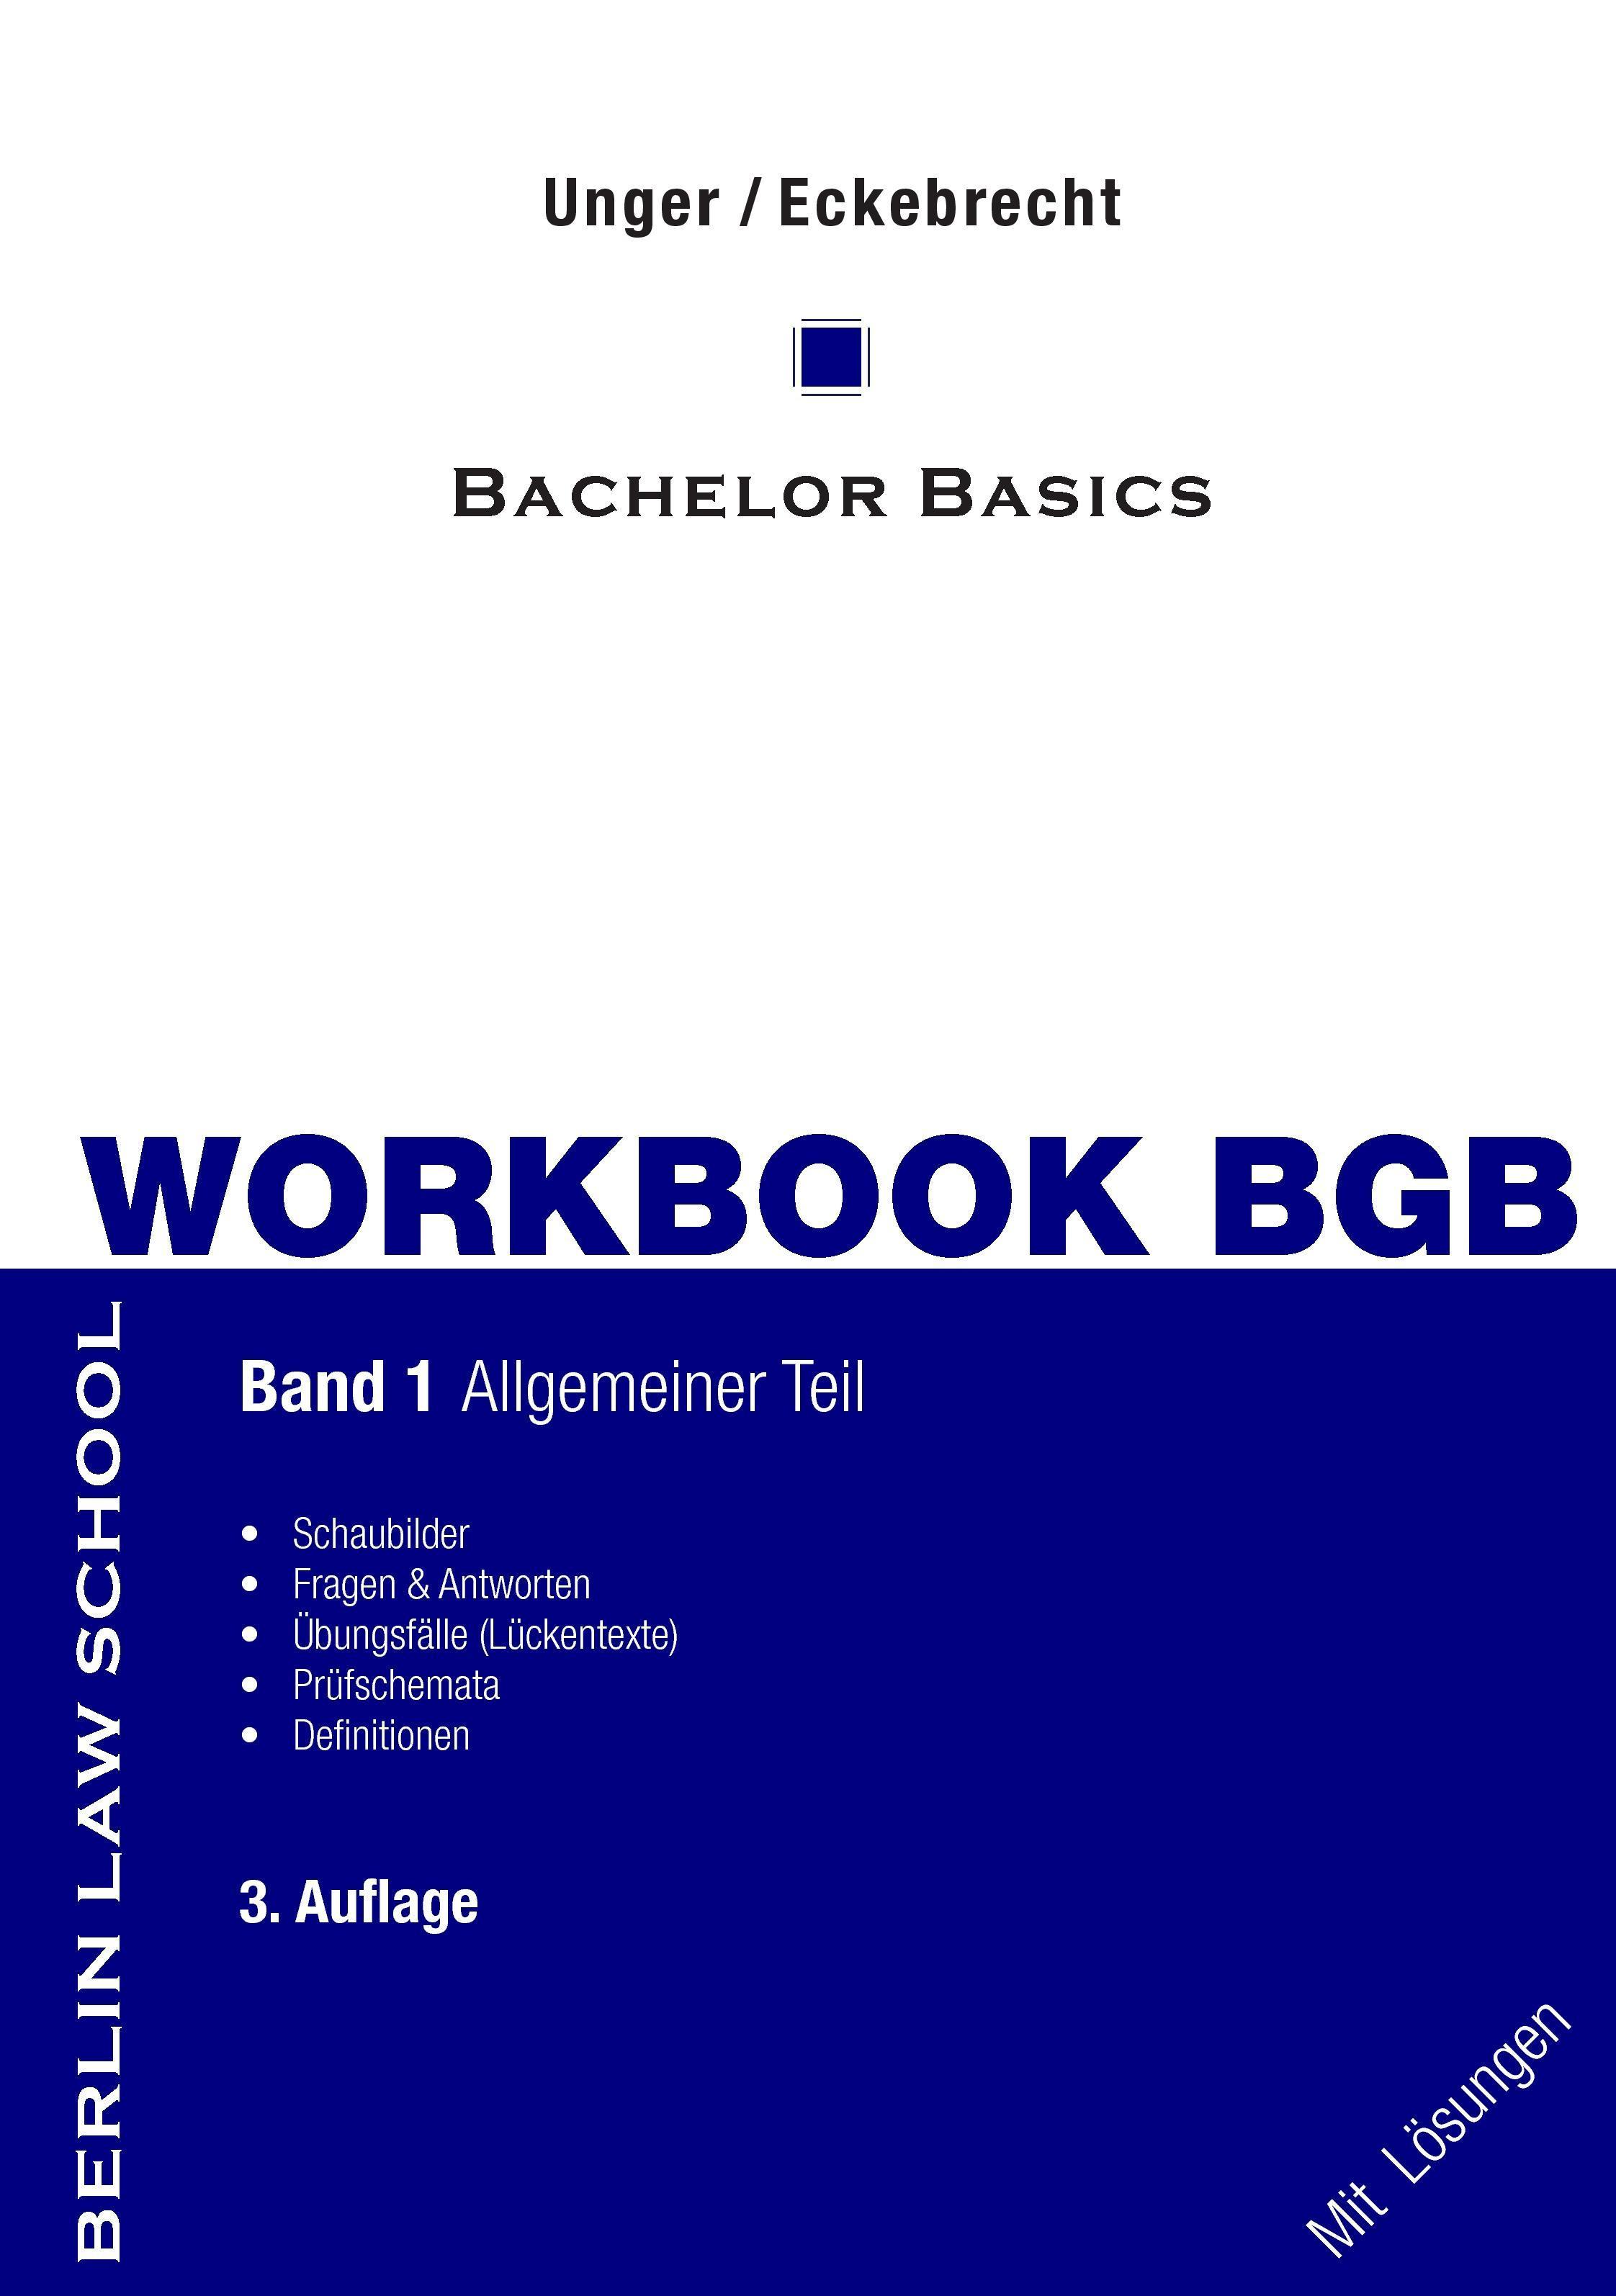 Workbook BGB Band I Werner Unger